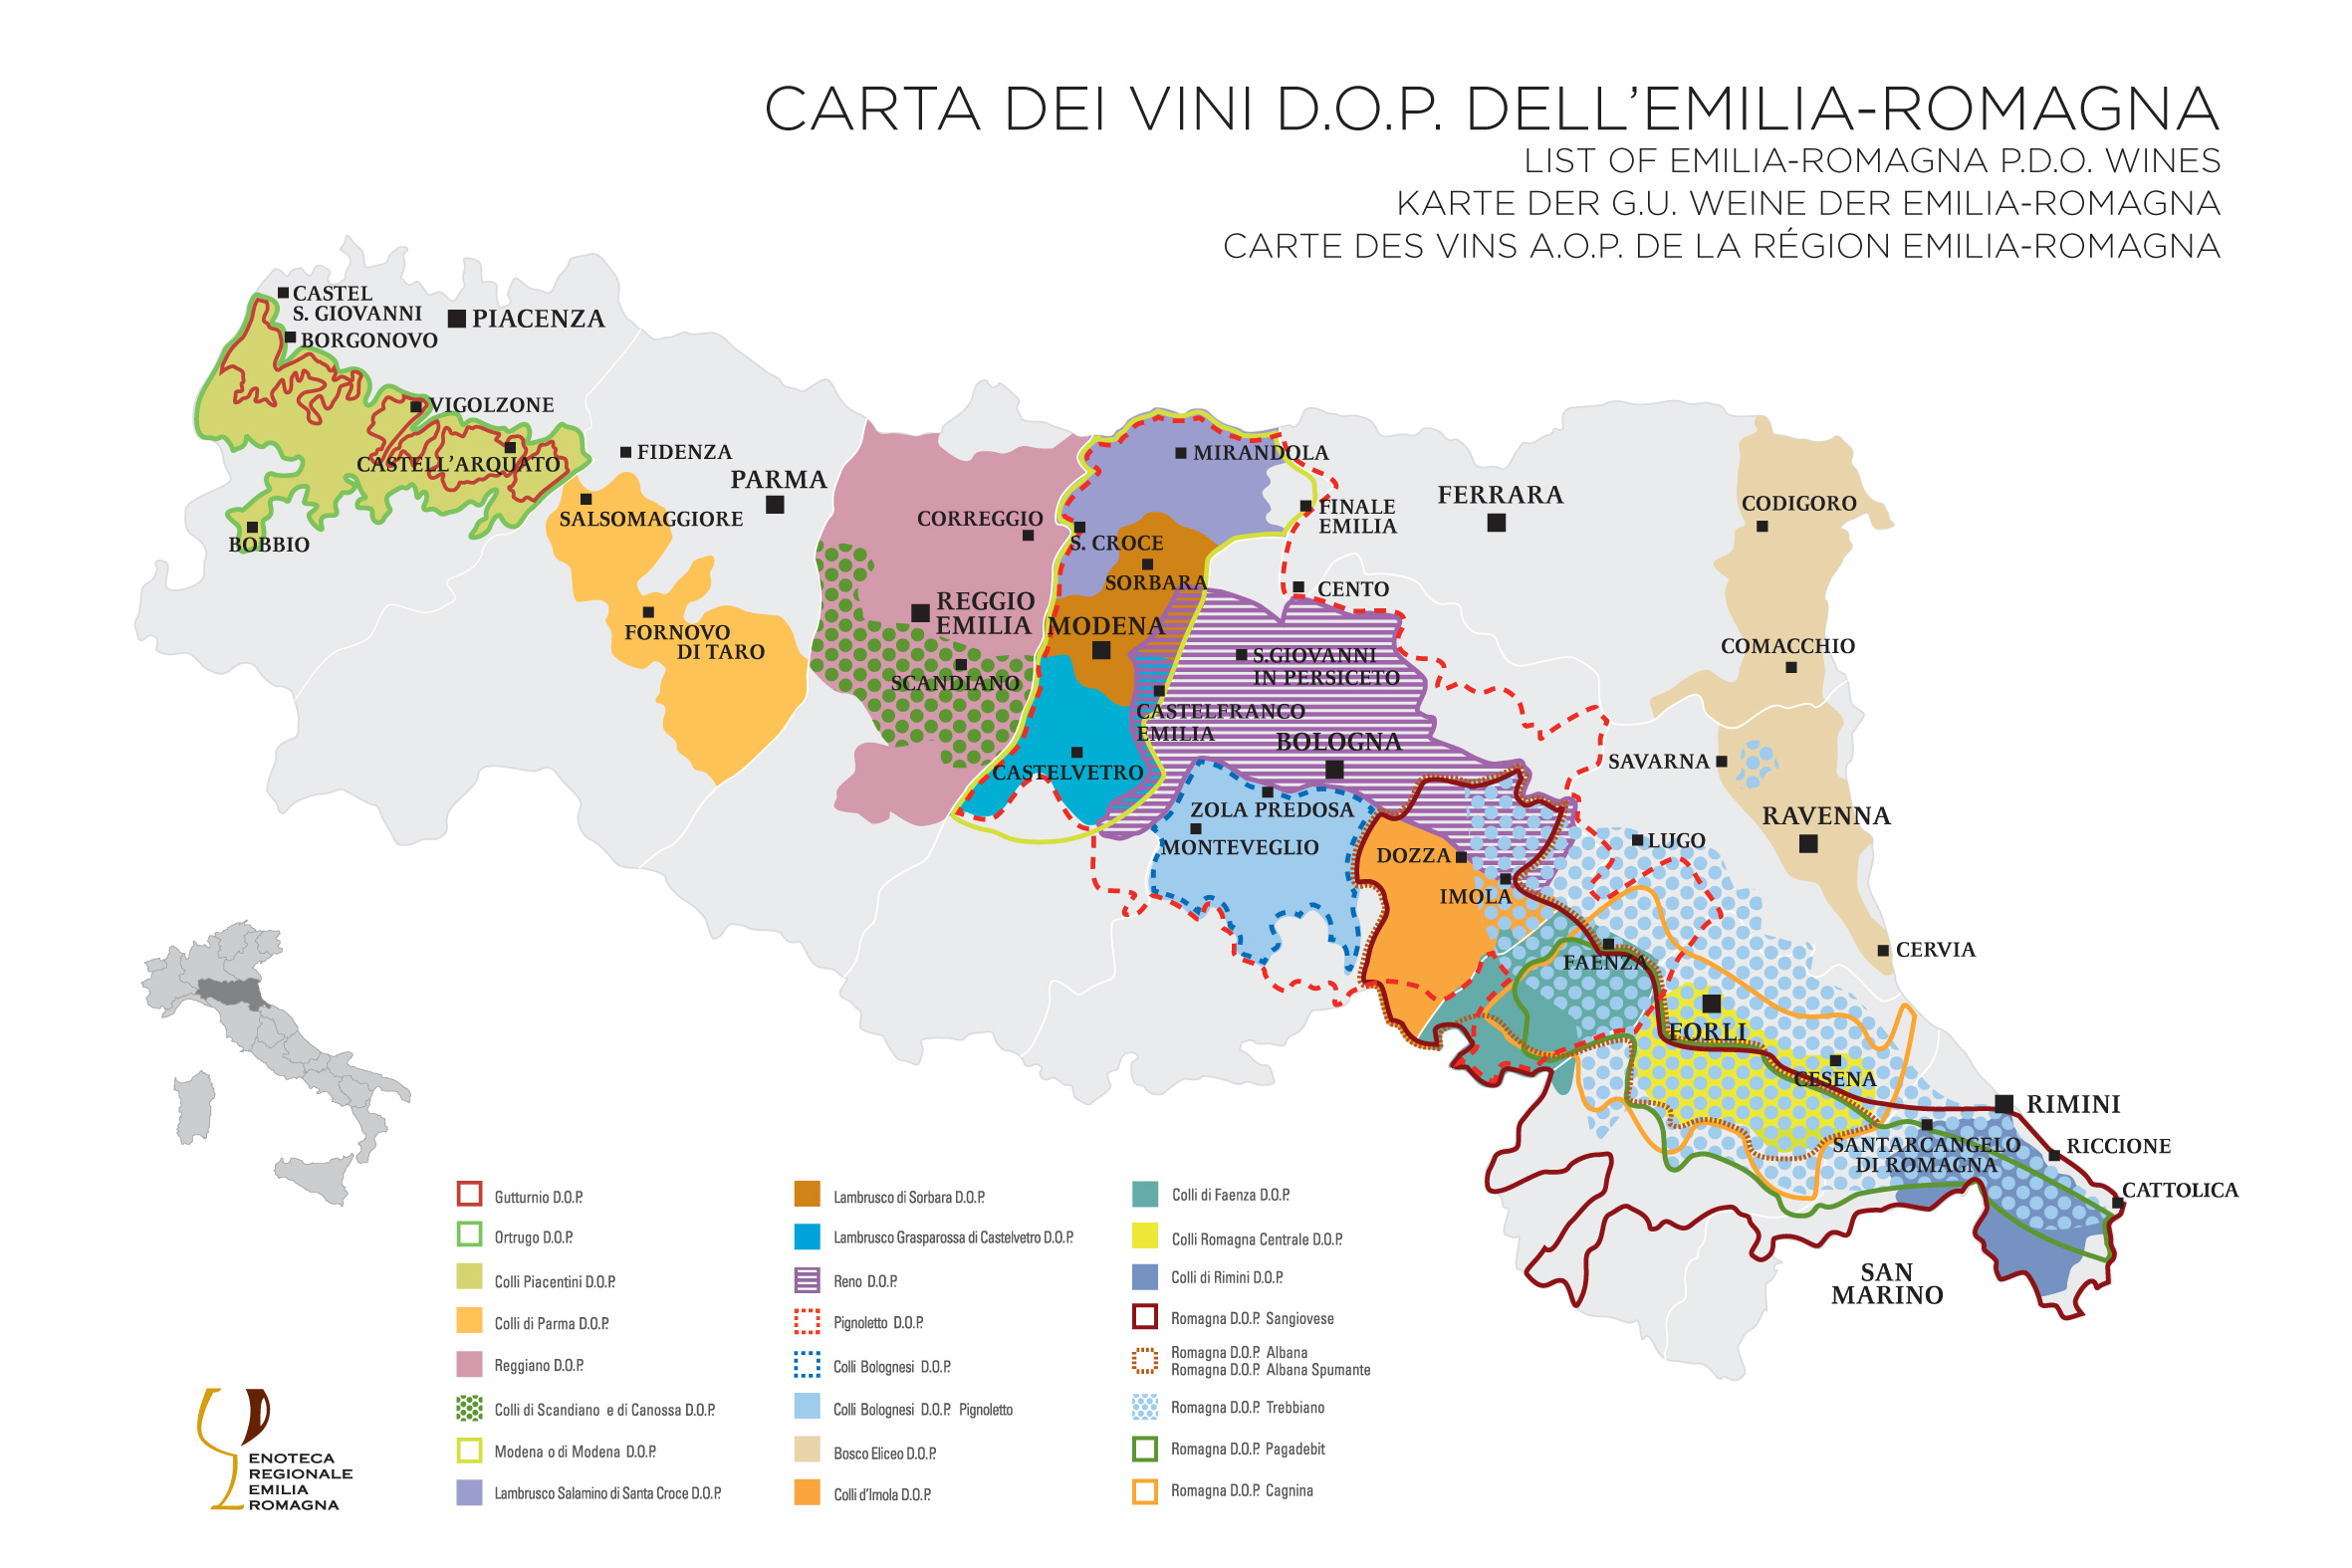 Enoteca Emilia Romagna, DOP wines map